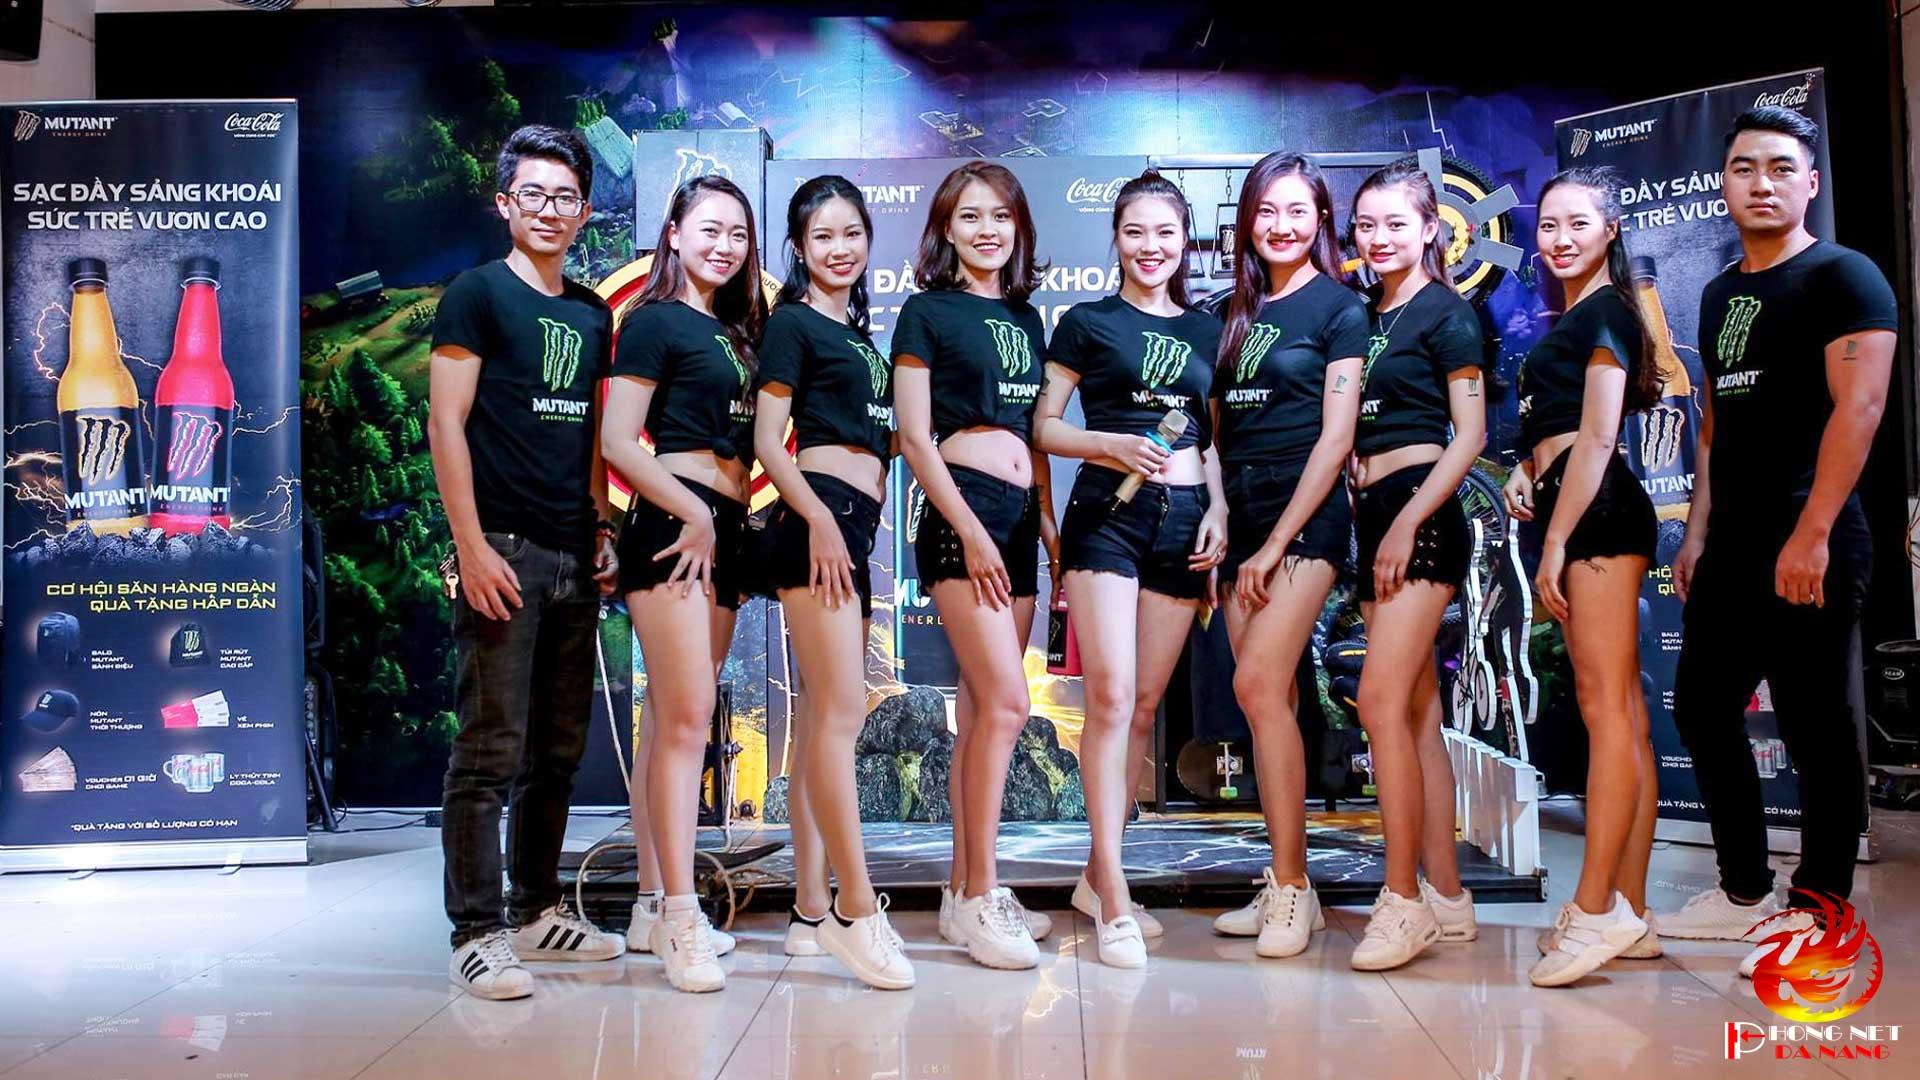 trang-tri-phong-net-tron-goi-tai-da-nang-phongnetdanang.com-03